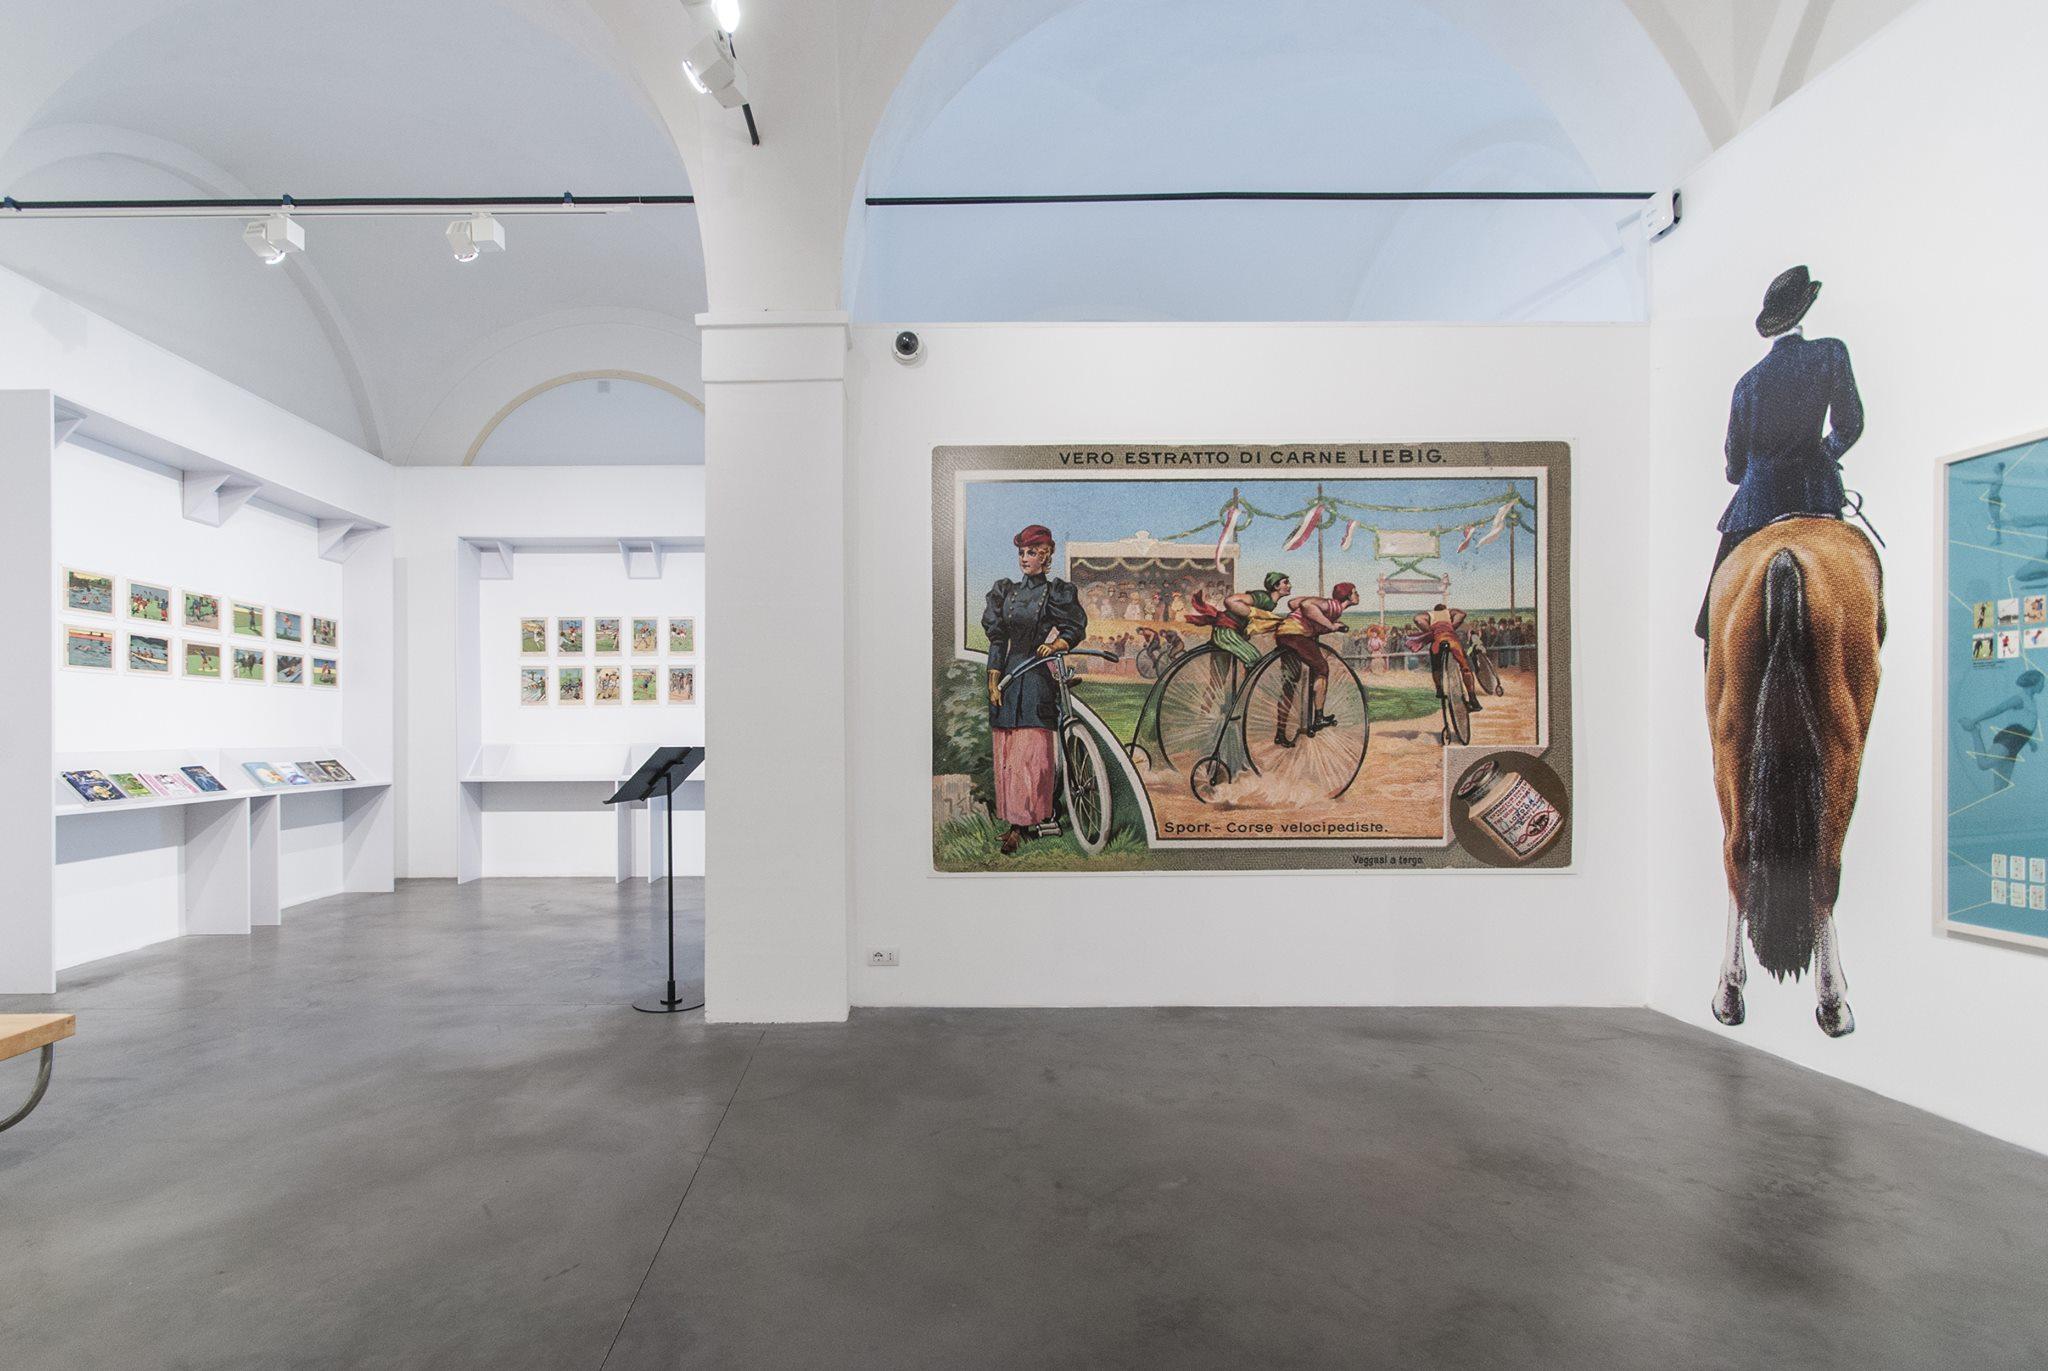 """Il Museo della Figurina di Modena: da Holly e Benji a Occhi di Gatto, l'unico museo da visitare dicendo """"Ce l'ho, non ce l'ho""""."""